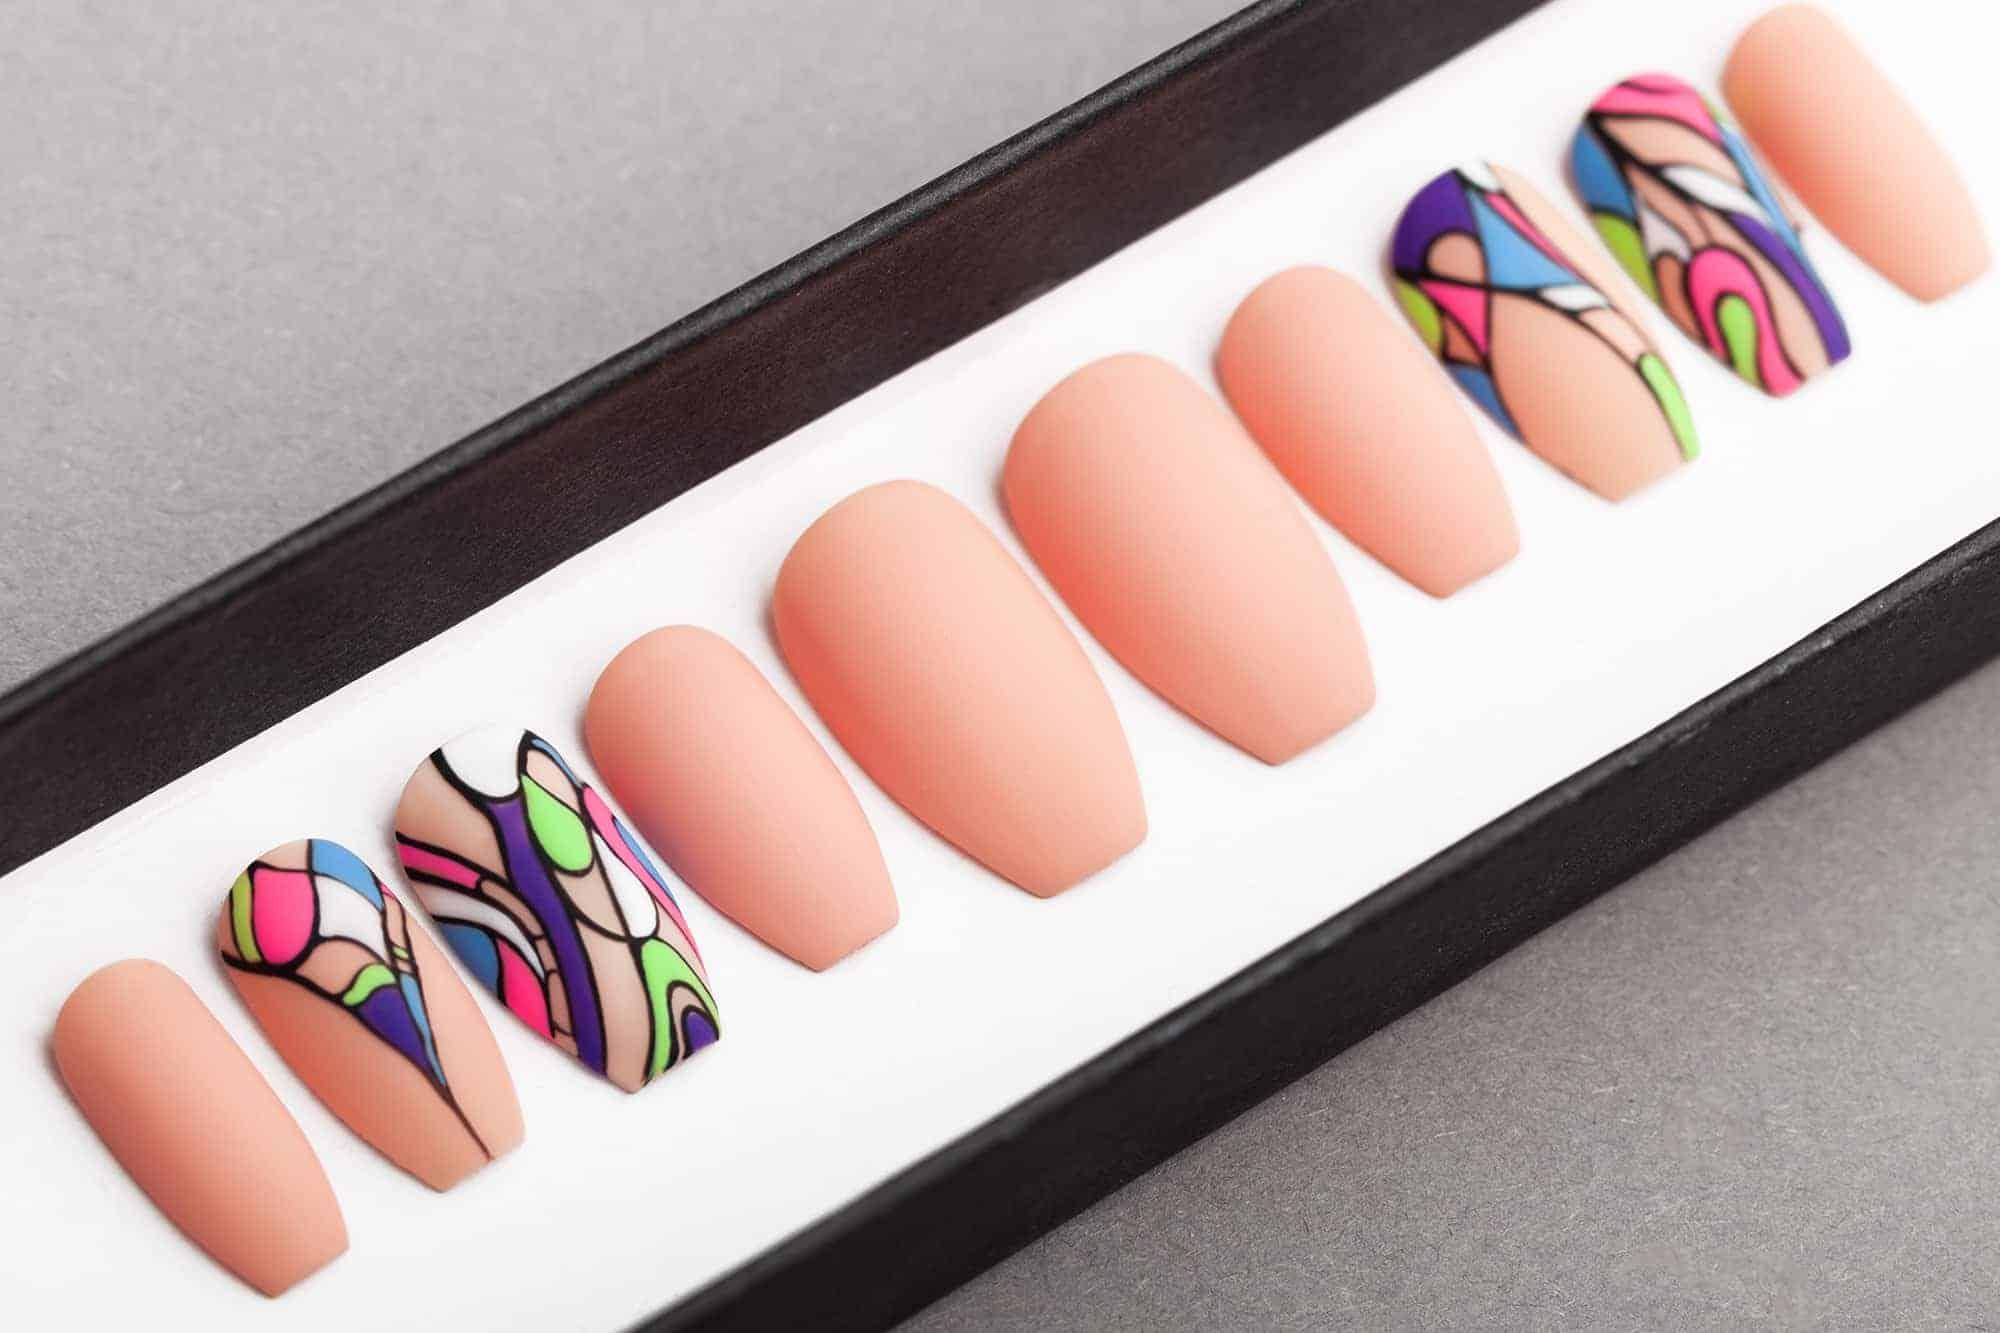 Matte Press on Nails with Enamel effect | Nail Art | Fake Nails | False Nails | Glue On Nails | Acrylic Nails